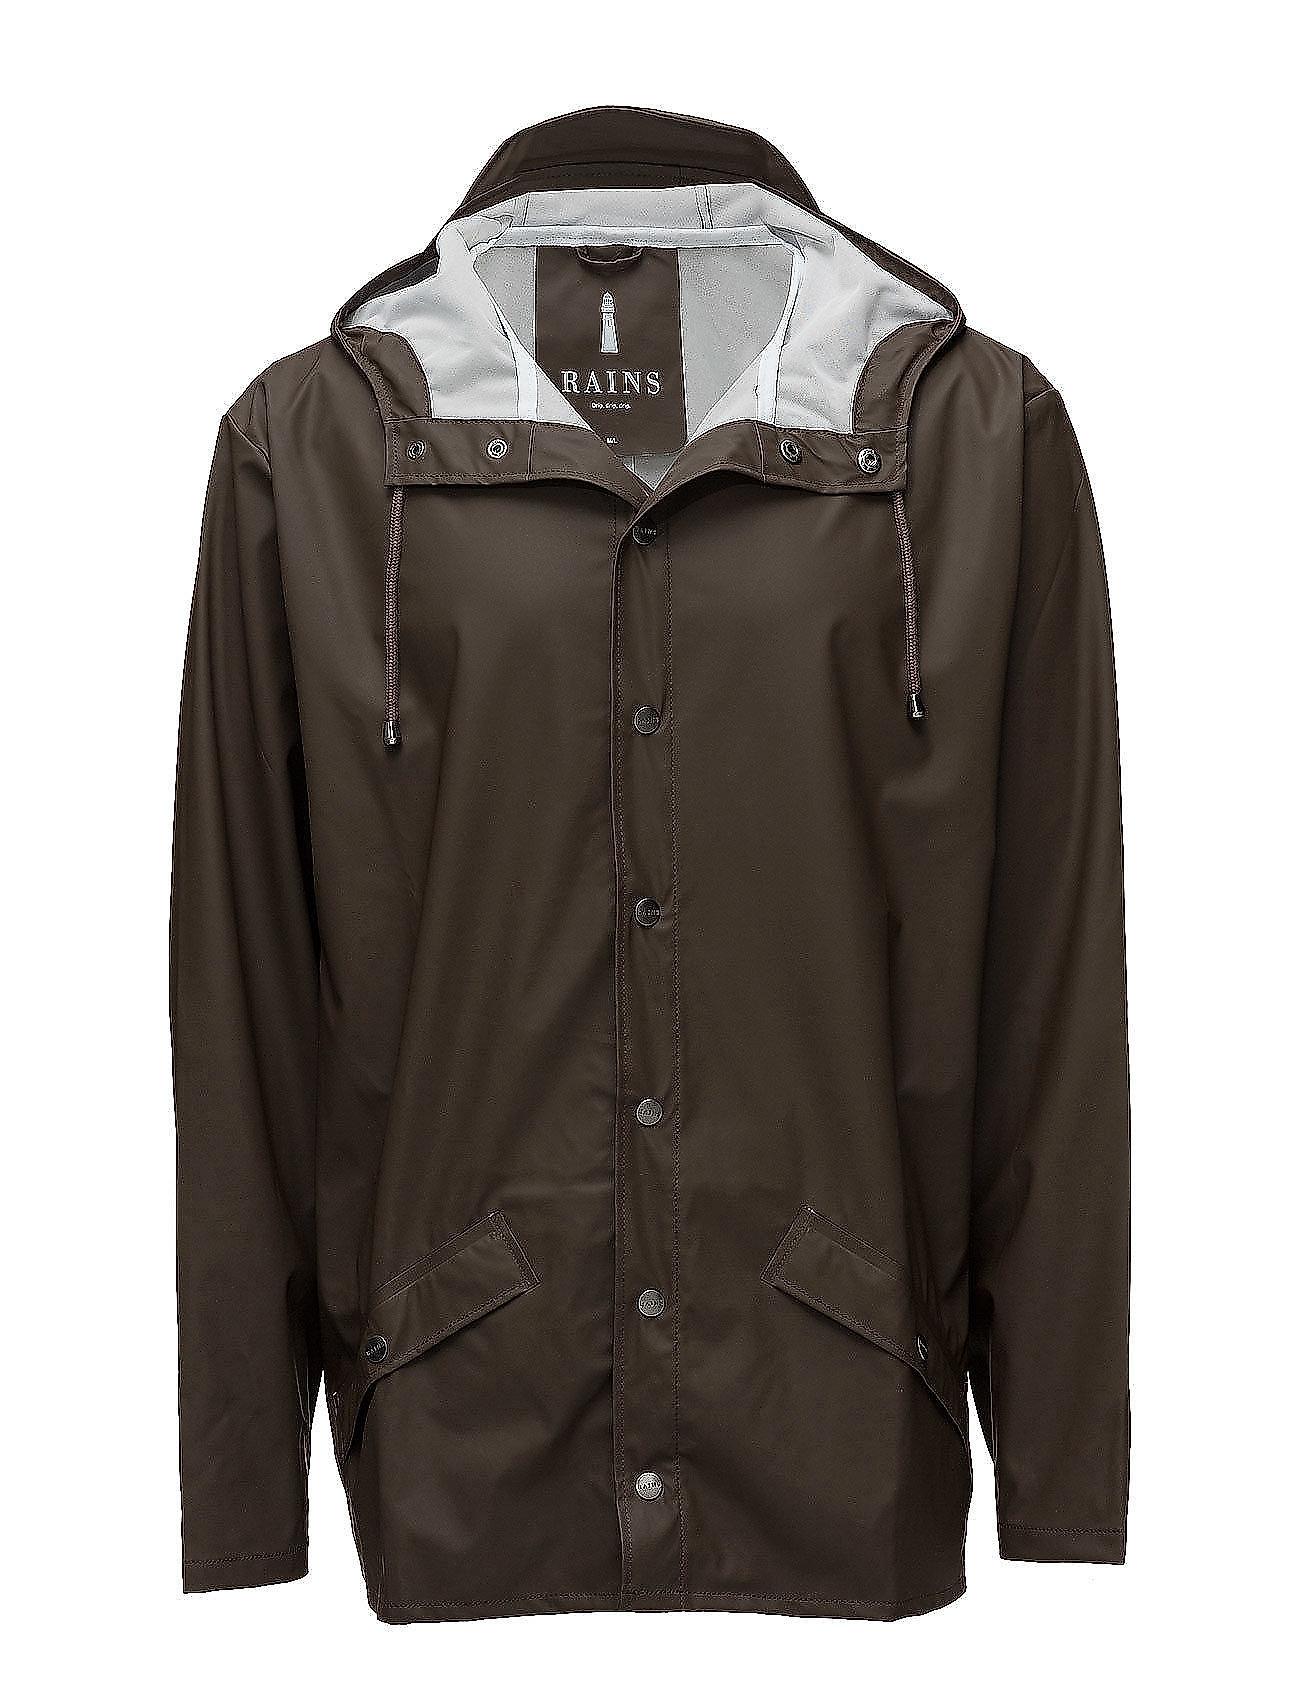 Rains Jacket - 26 BROWN